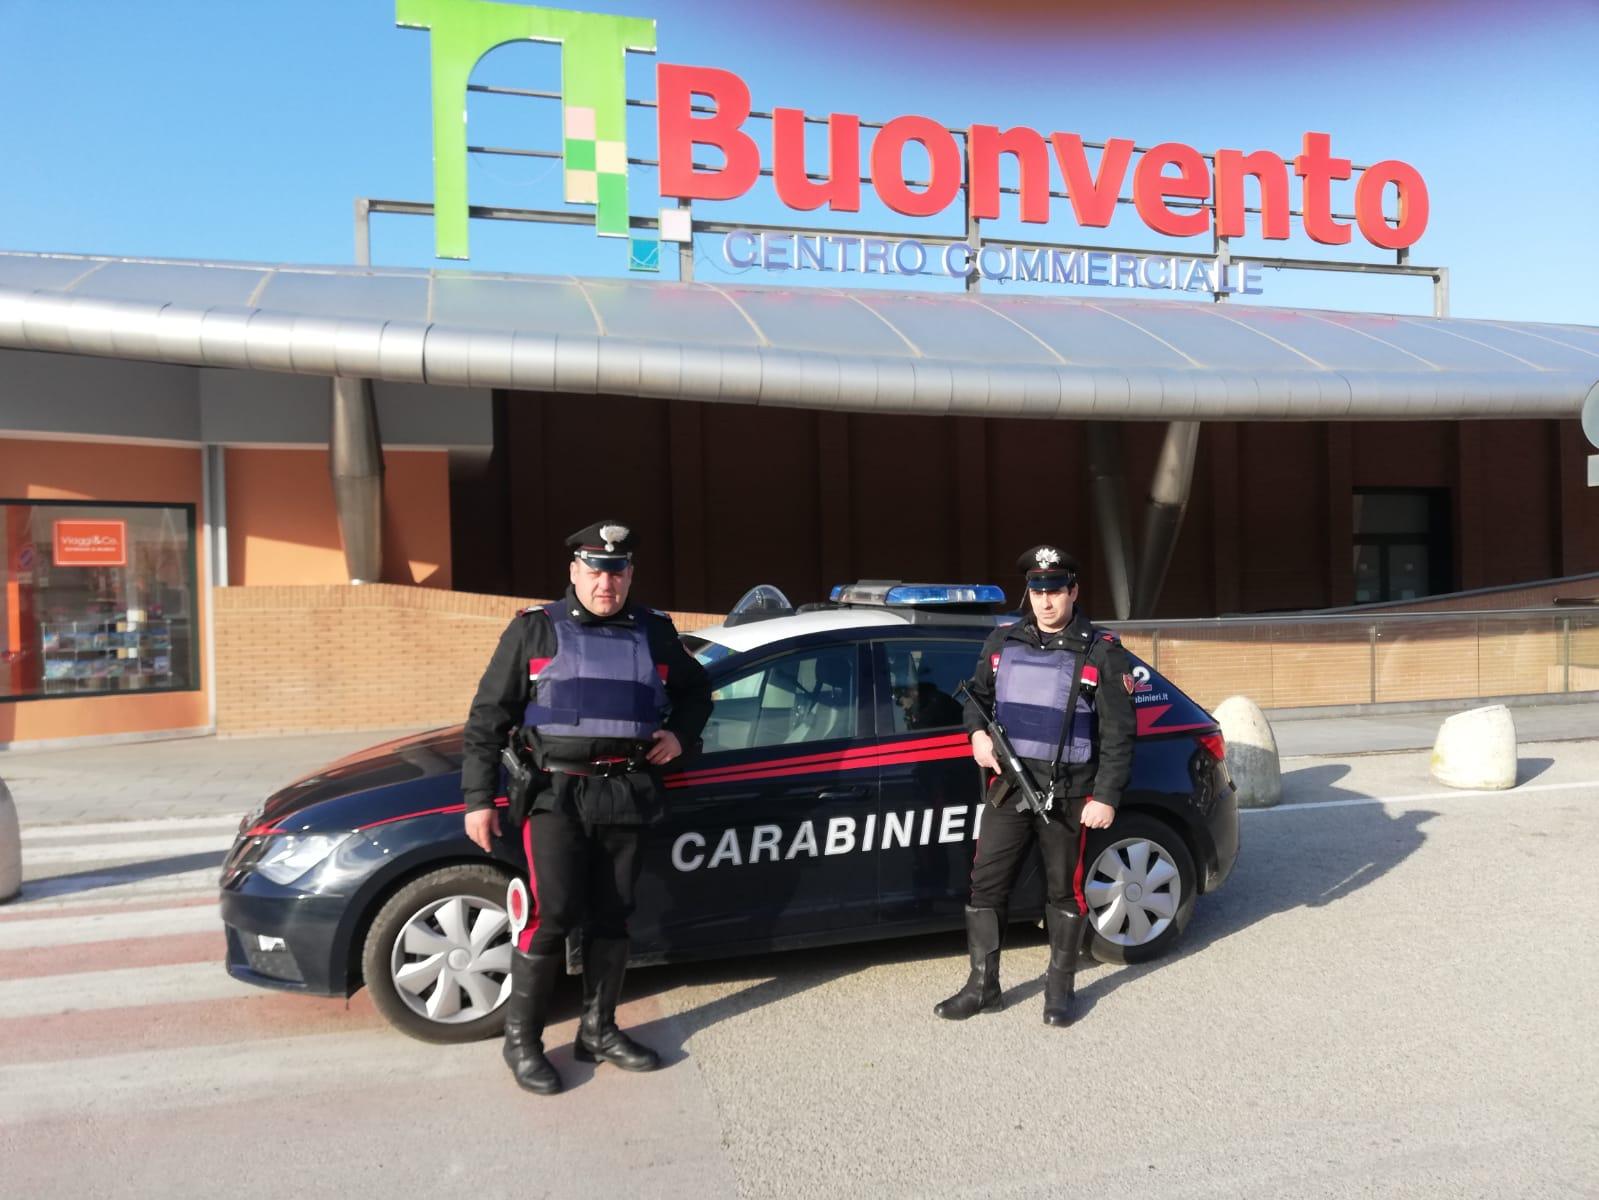 Benevento  Incendiano pneumatici e tentano furto alla gioielleria del centro commerciale Buonvento